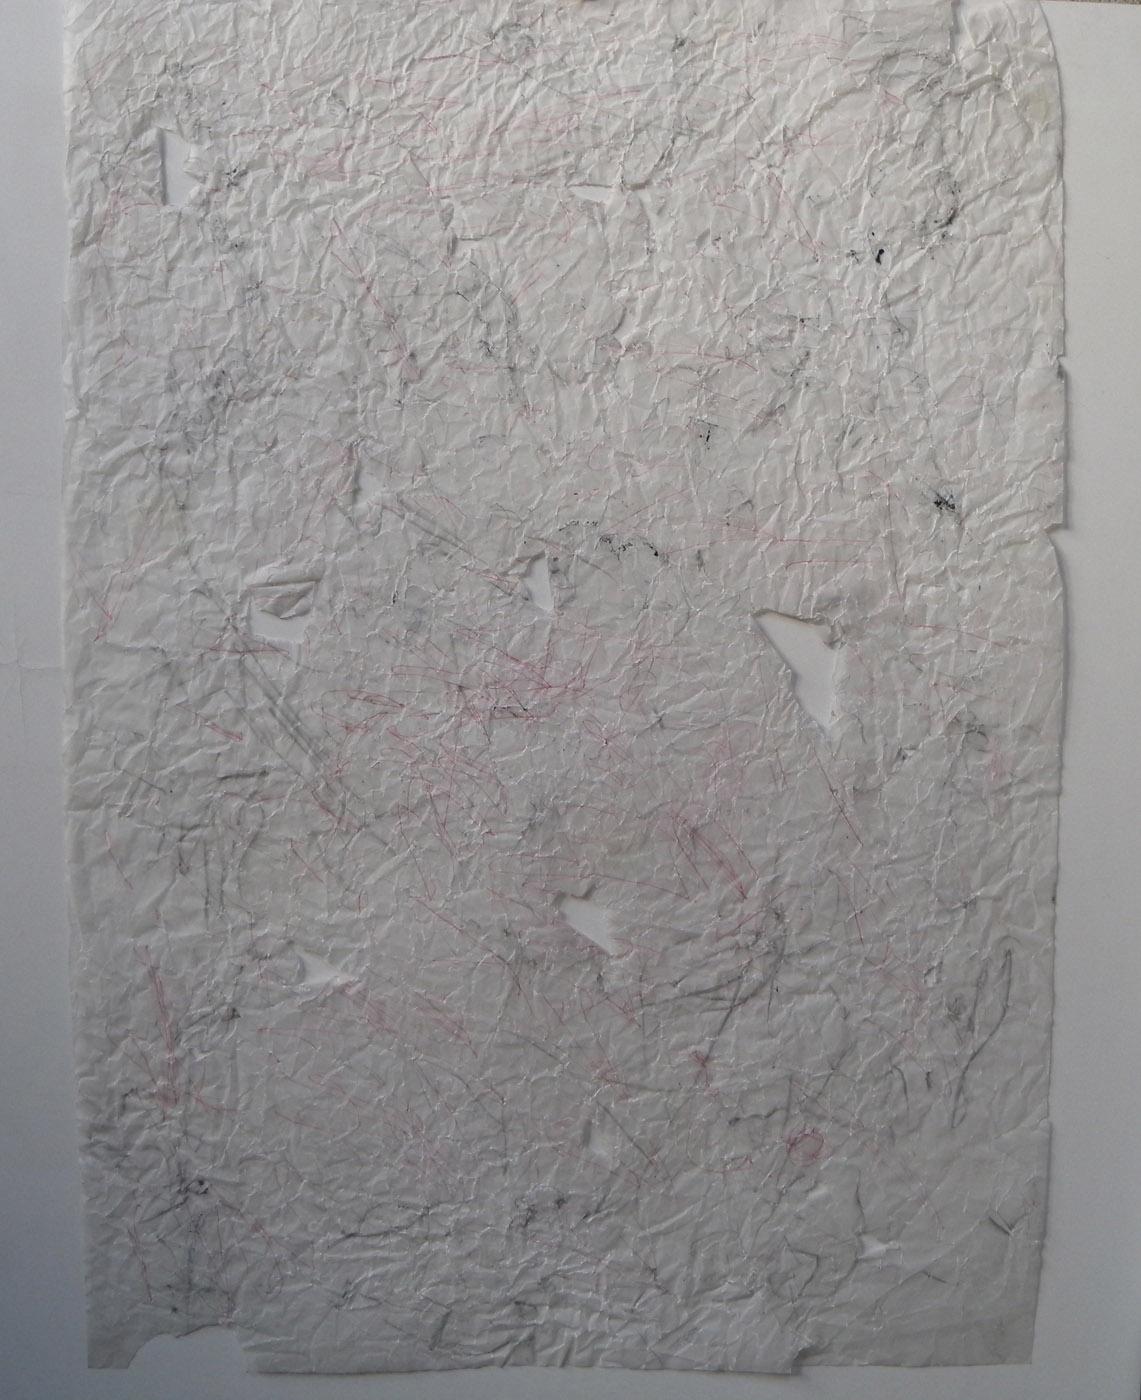 MARC FELD 2010 YOUR NAME Stylo bille et pigment sur papier calque déchiré et froissé 60x86 cm